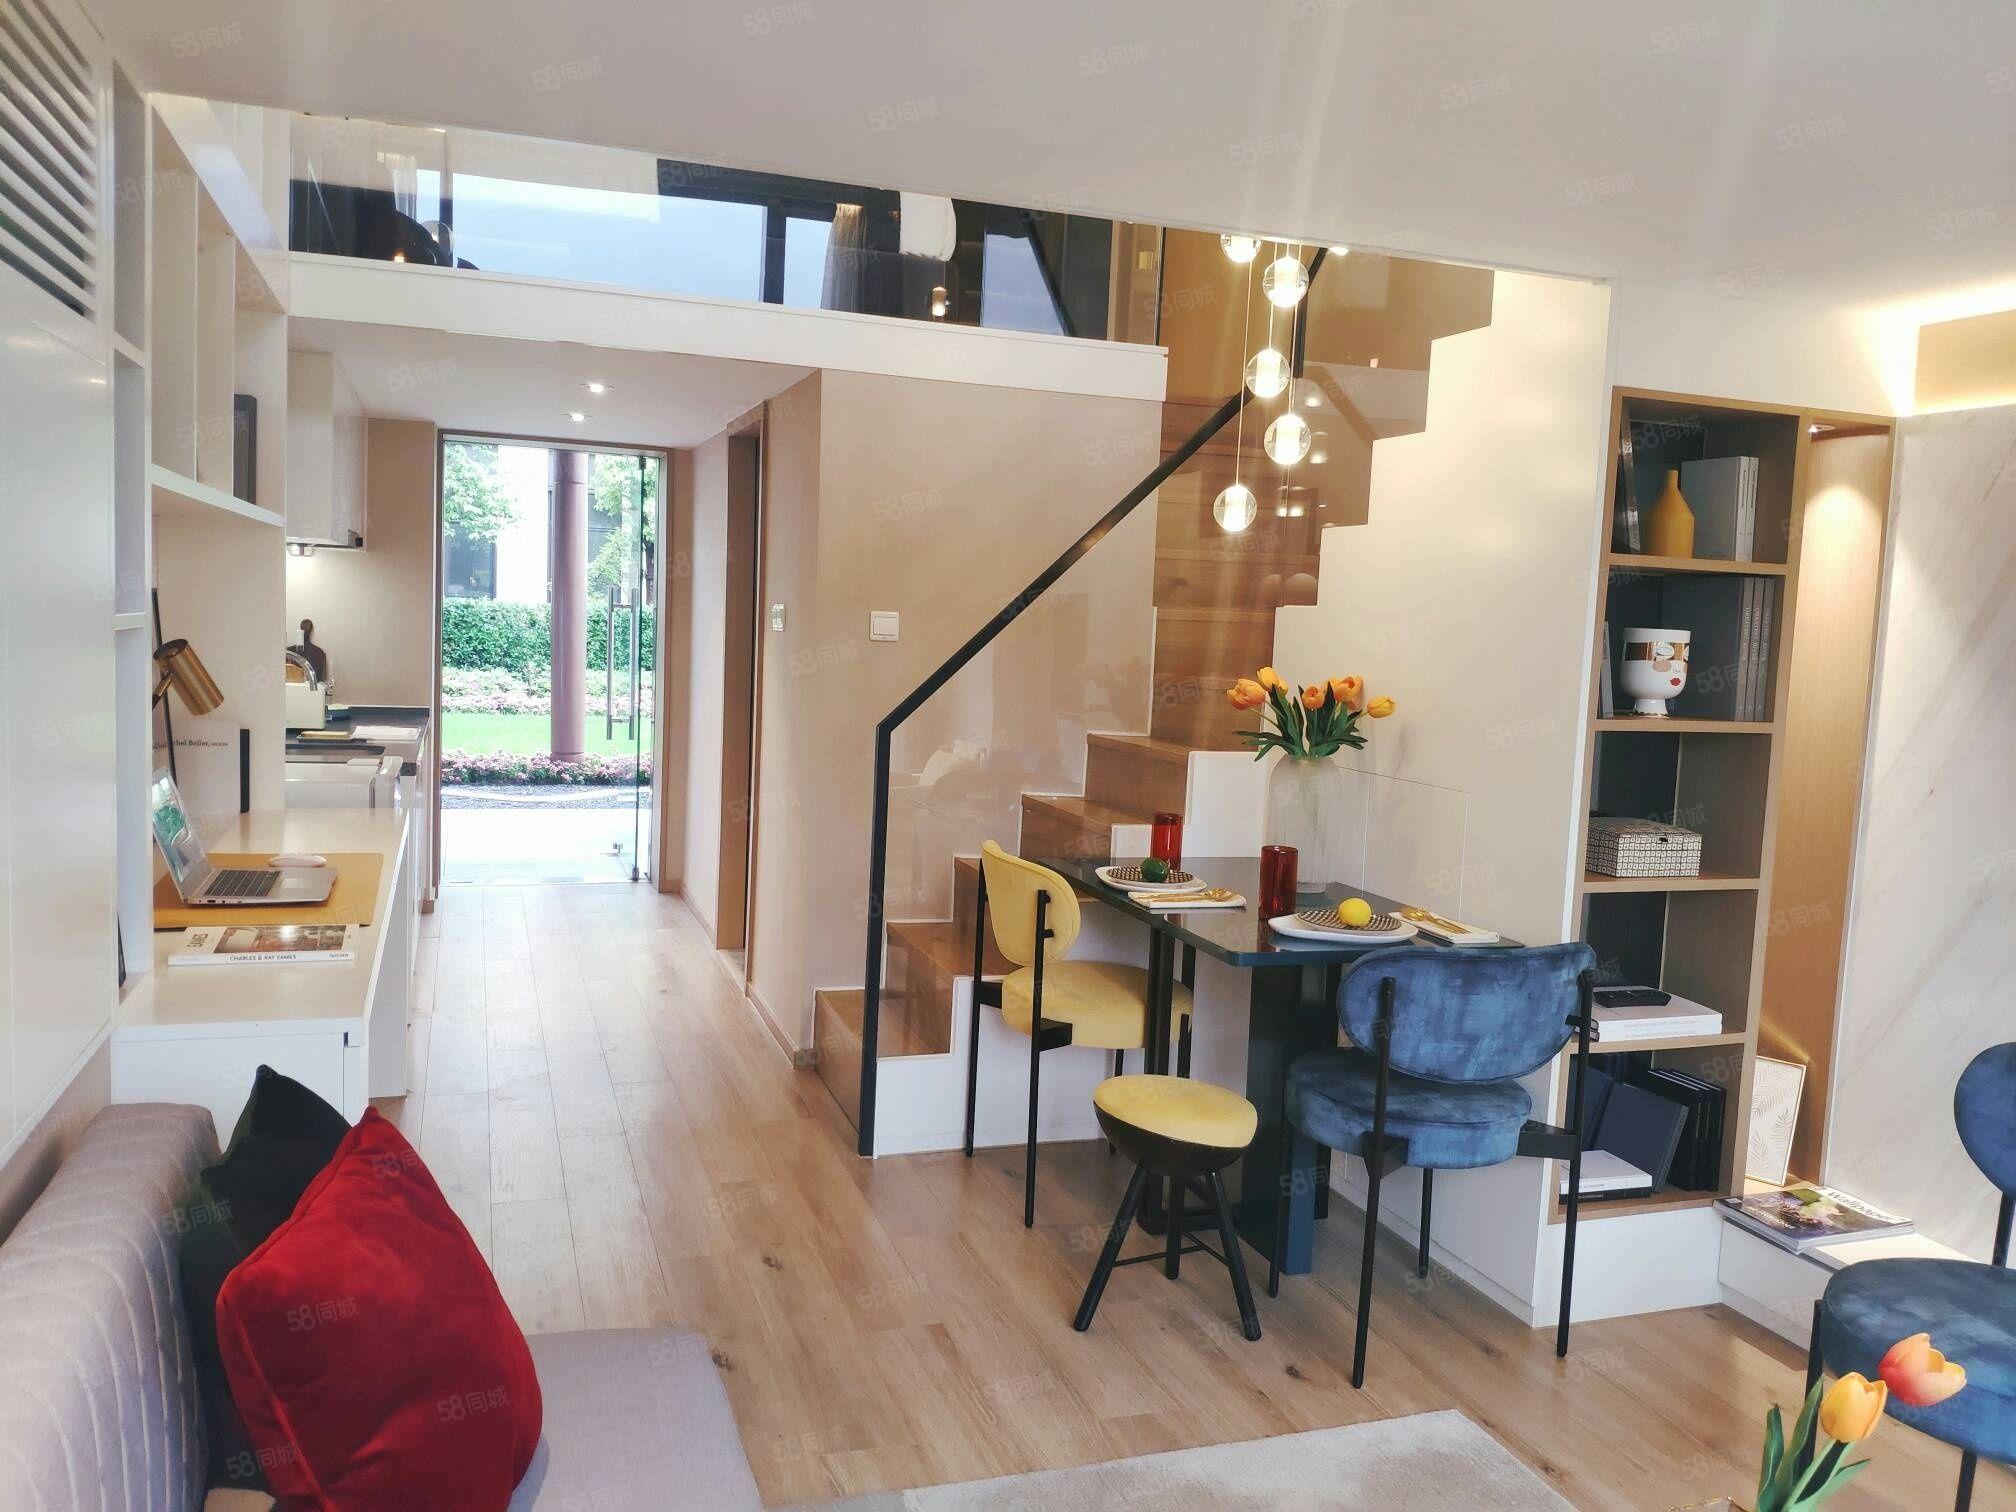 銀湖科技城地鐵口200米精裝修復式公寓價60萬起租金五千